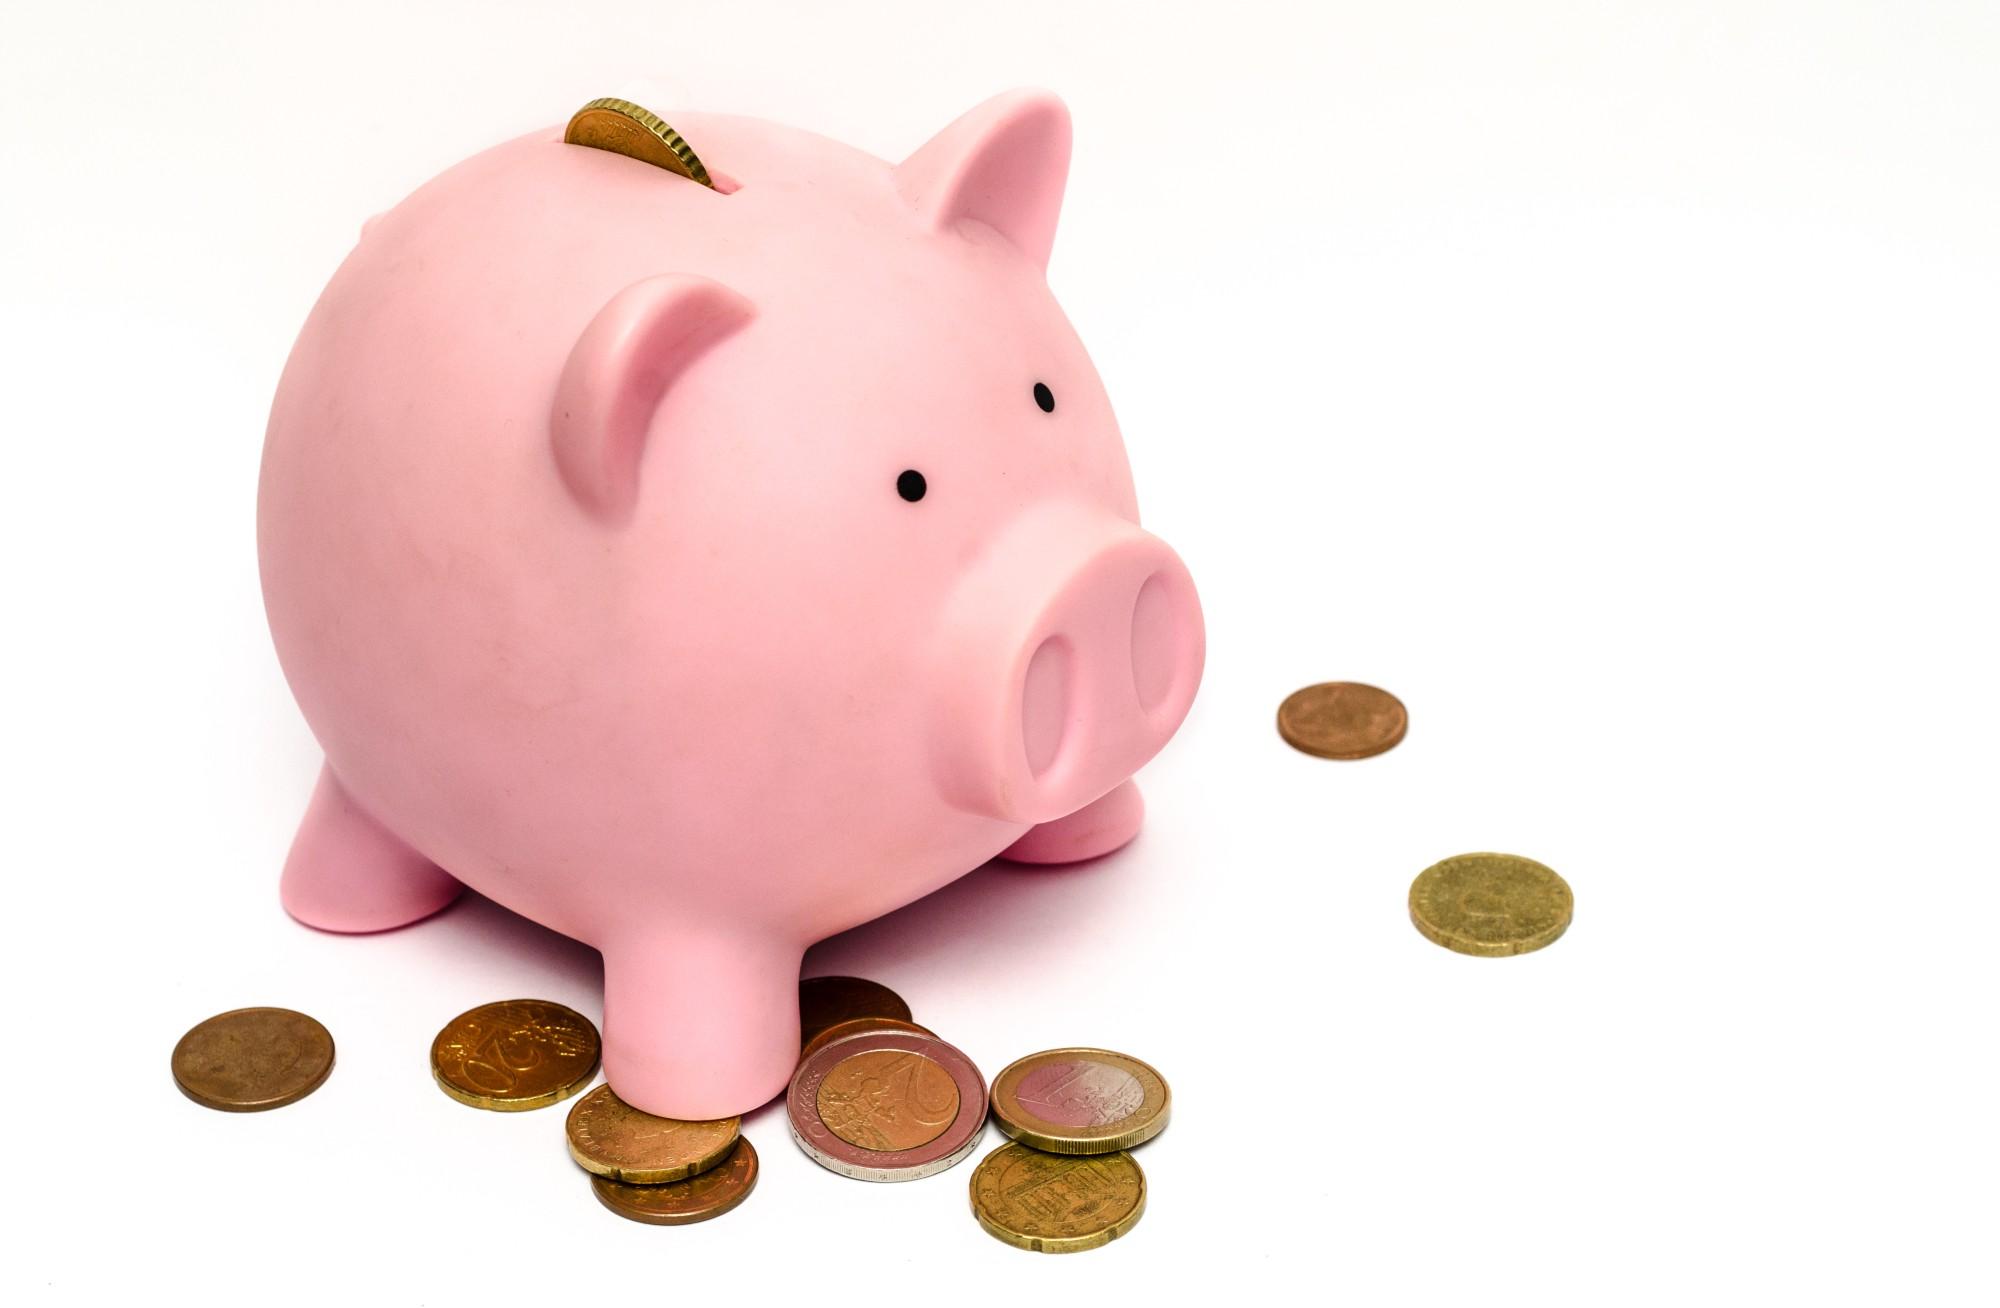 O retorno só vêm após um investimento. Não deixe de investir em seu negócio online.